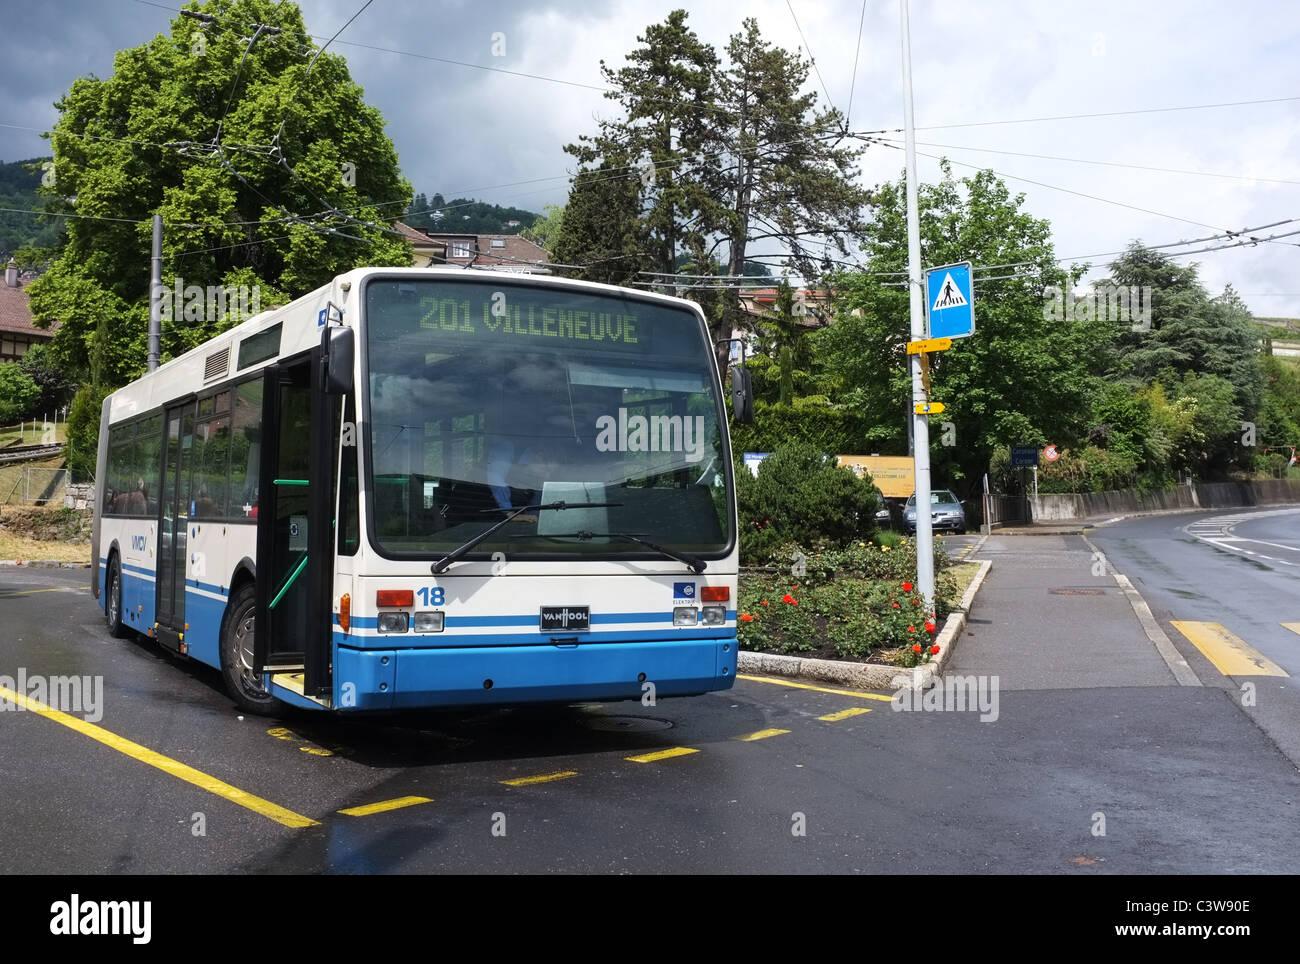 Trolleybus at Vevey Funi Terminus - 1 - Stock Image